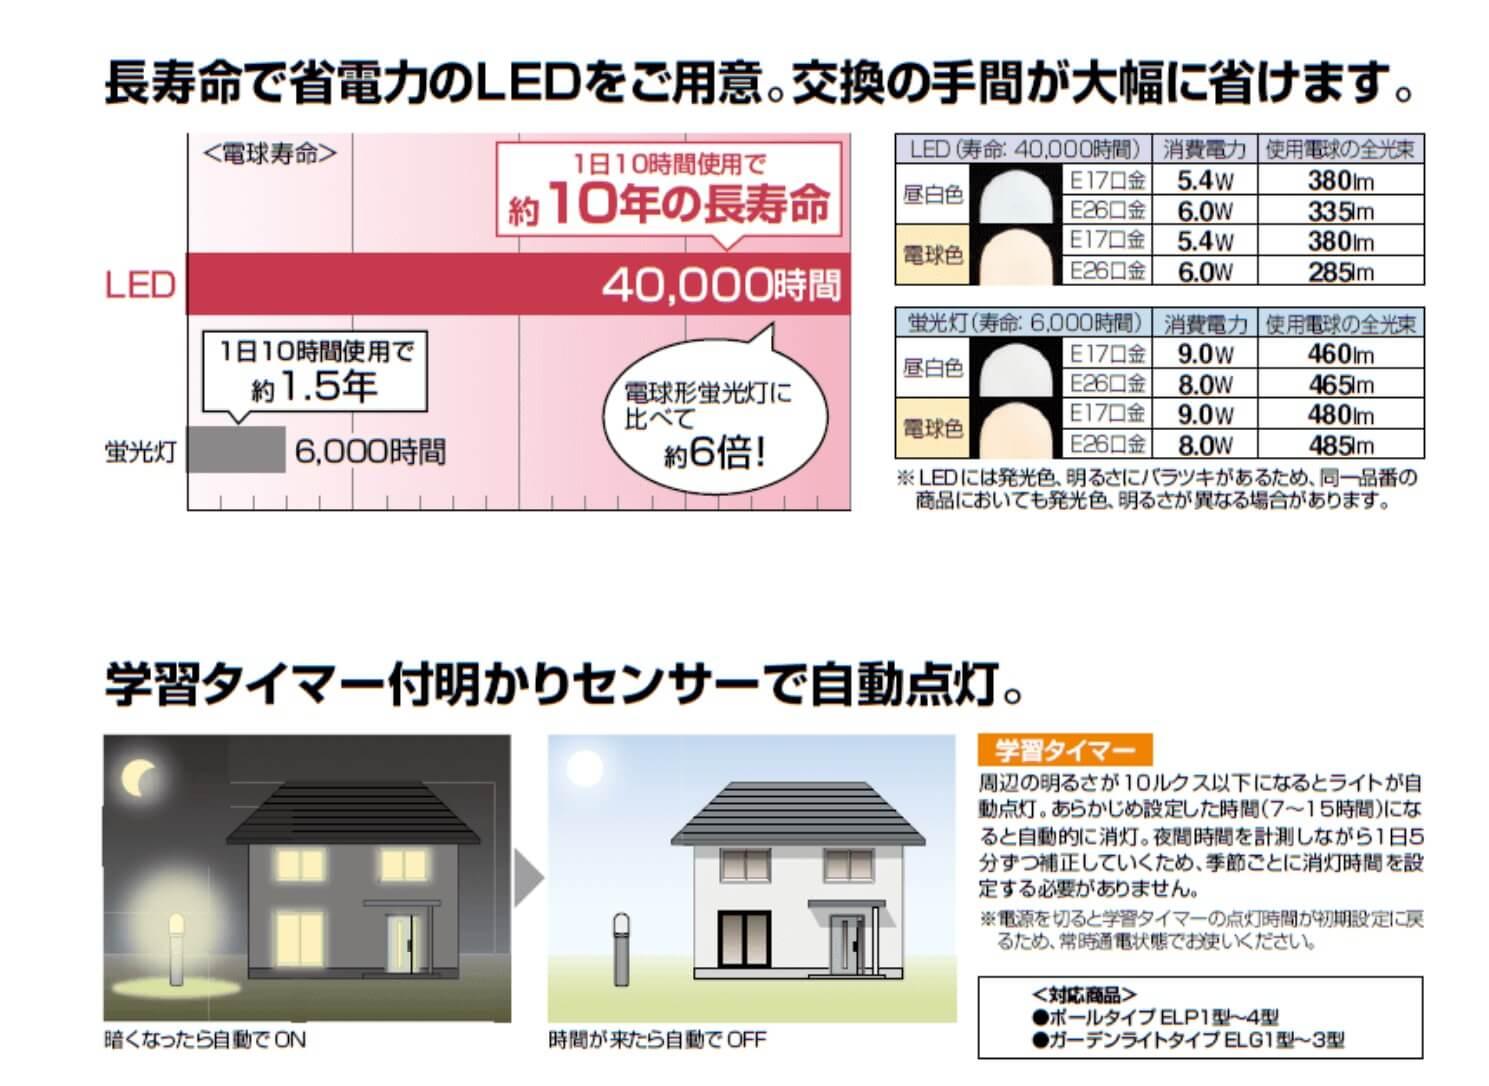 LED照明について説明画像